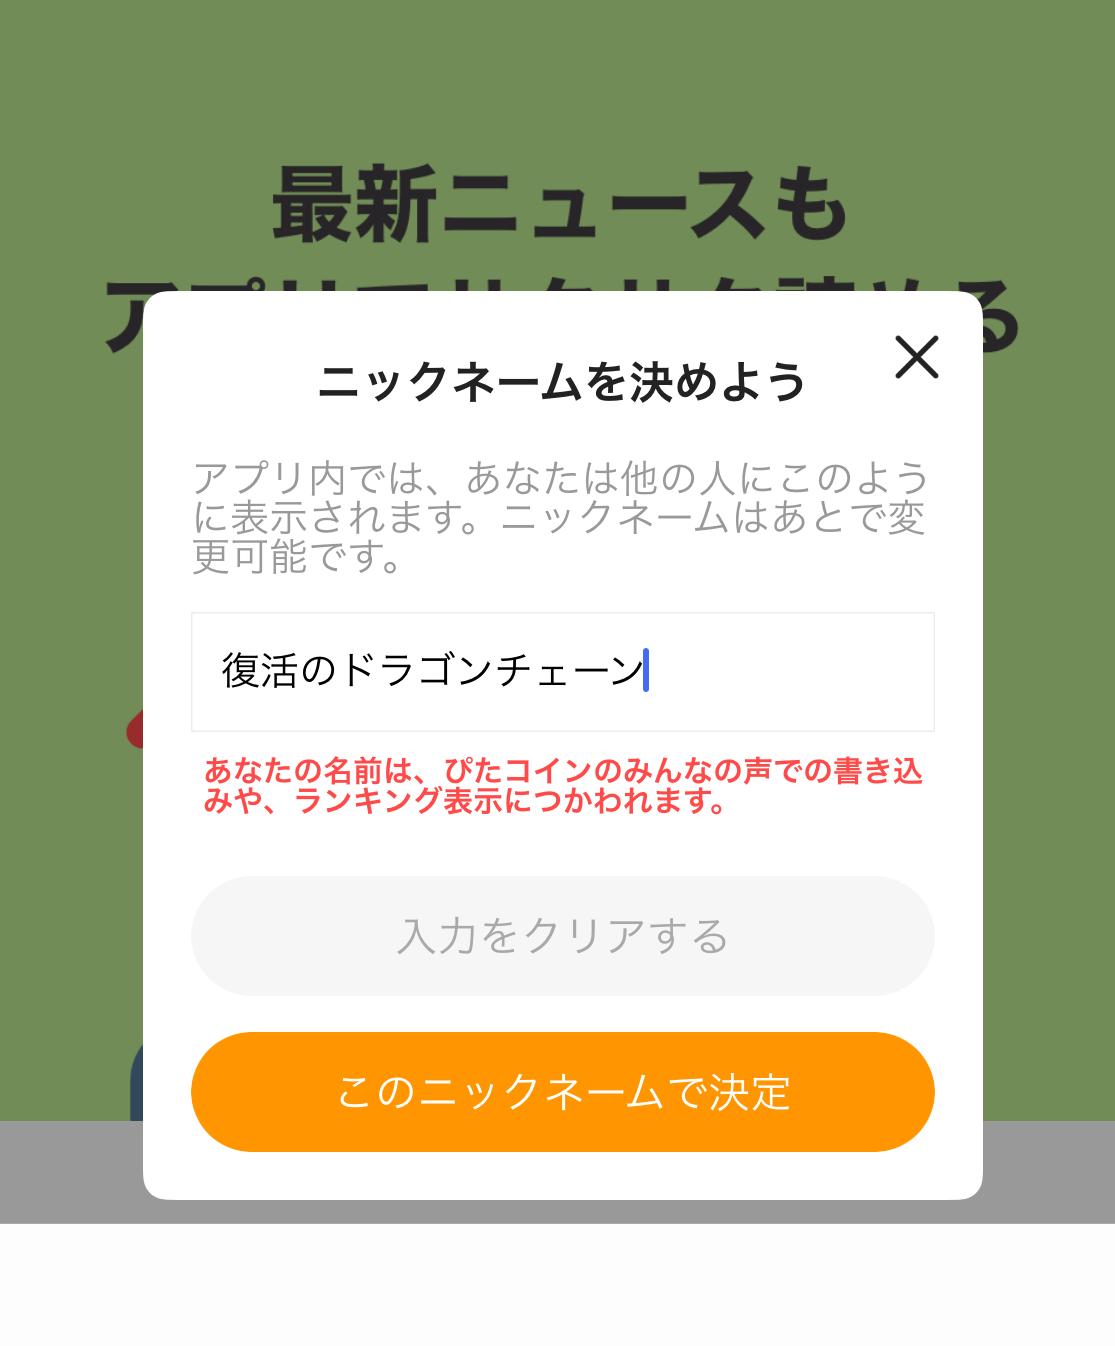 ぴたコインダウンロード3